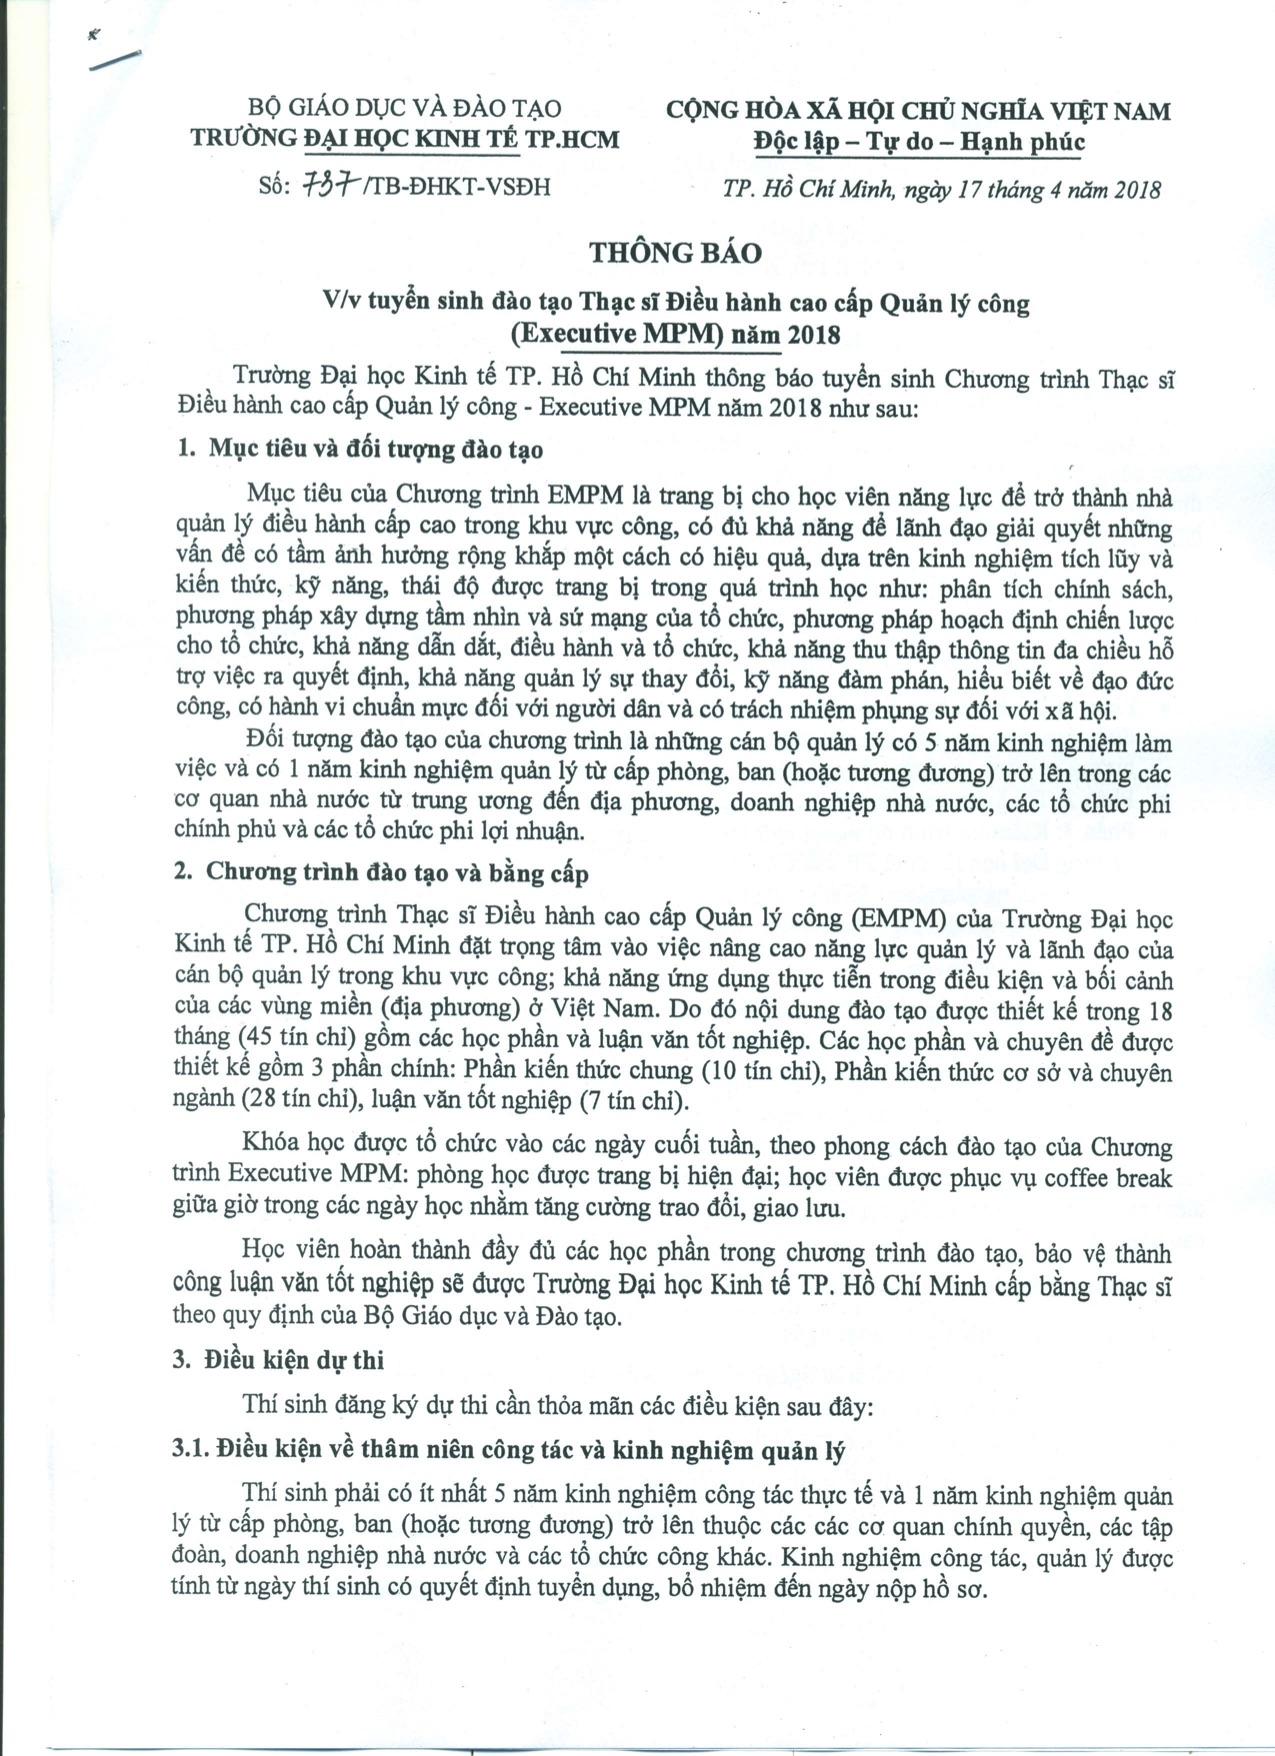 Thong bao tuyen sinh Thac si Dieu hanh Cao cap QLC 2018